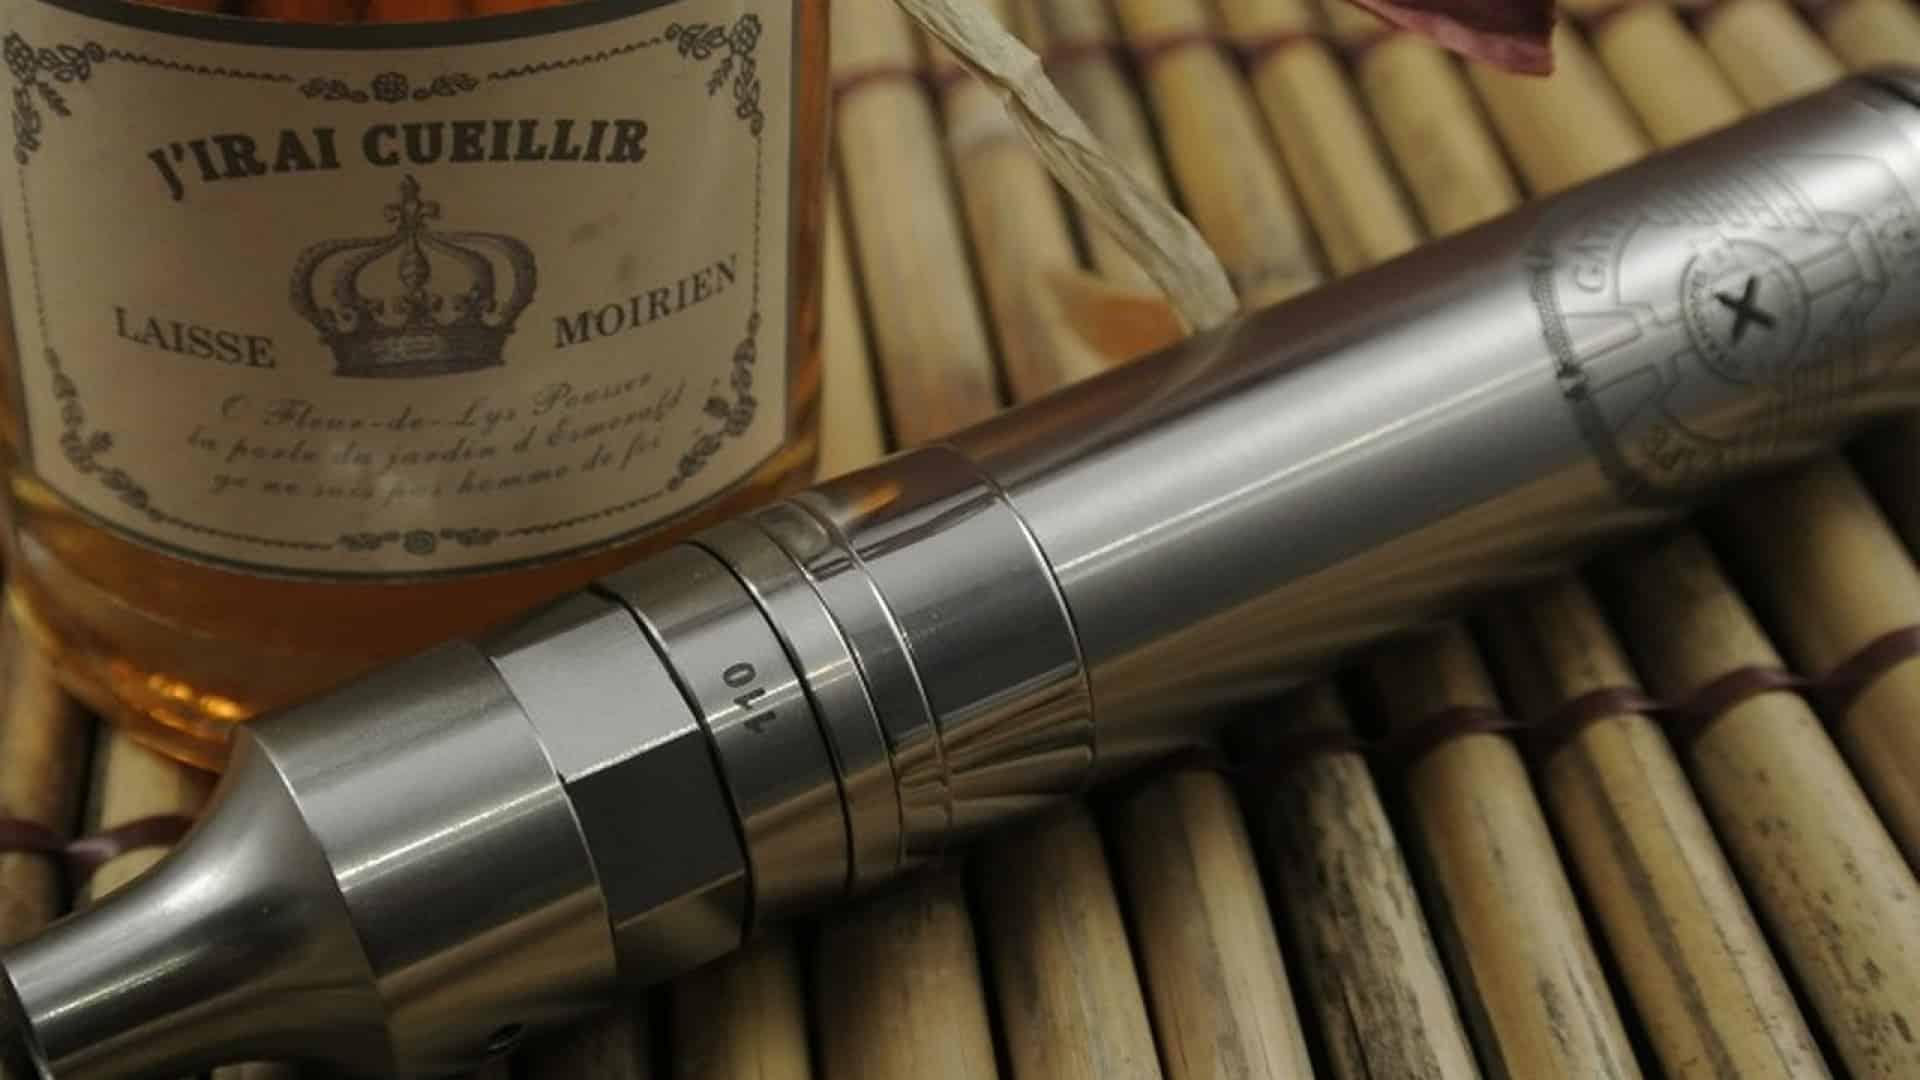 Choisir un kit pour la cigarette électronique est idéal !